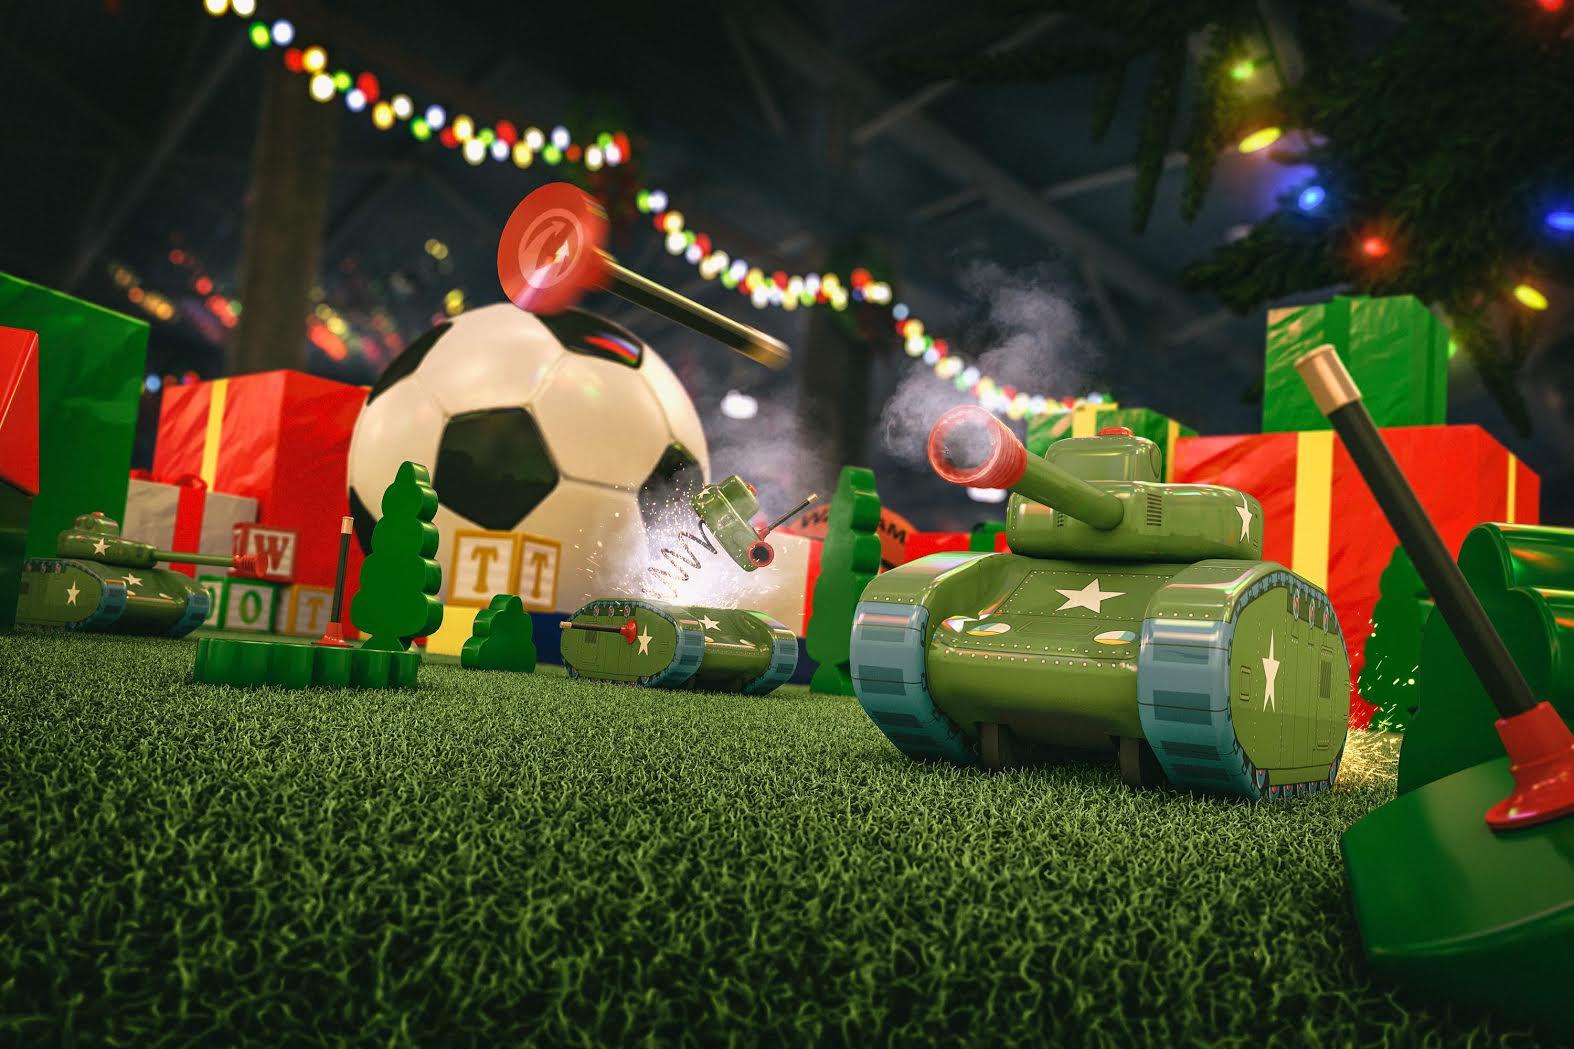 聖誕節限定的玩具戰車主題模式登場!